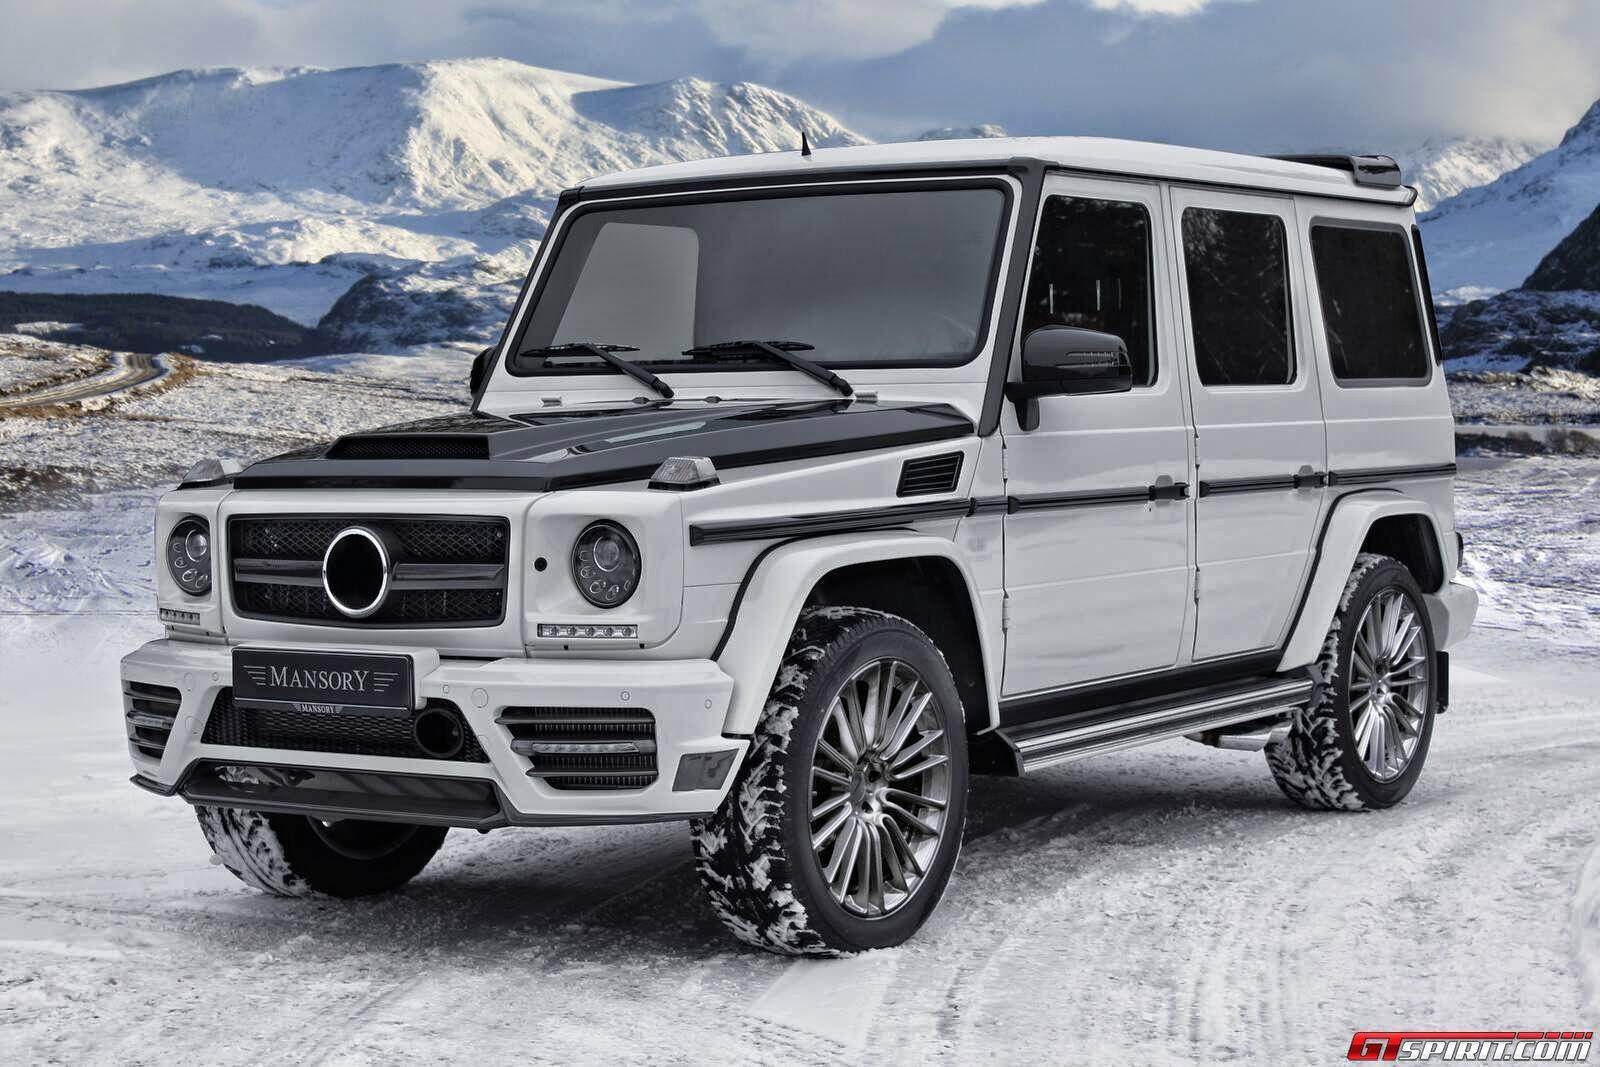 http://2.bp.blogspot.com/-d9bxBl5VkWc/UTTNyxQtmwI/AAAAAAAAIW8/VbtwMpMRnl0/s1600/Mercedes_gelandewagen_mansory_white_1.jpg